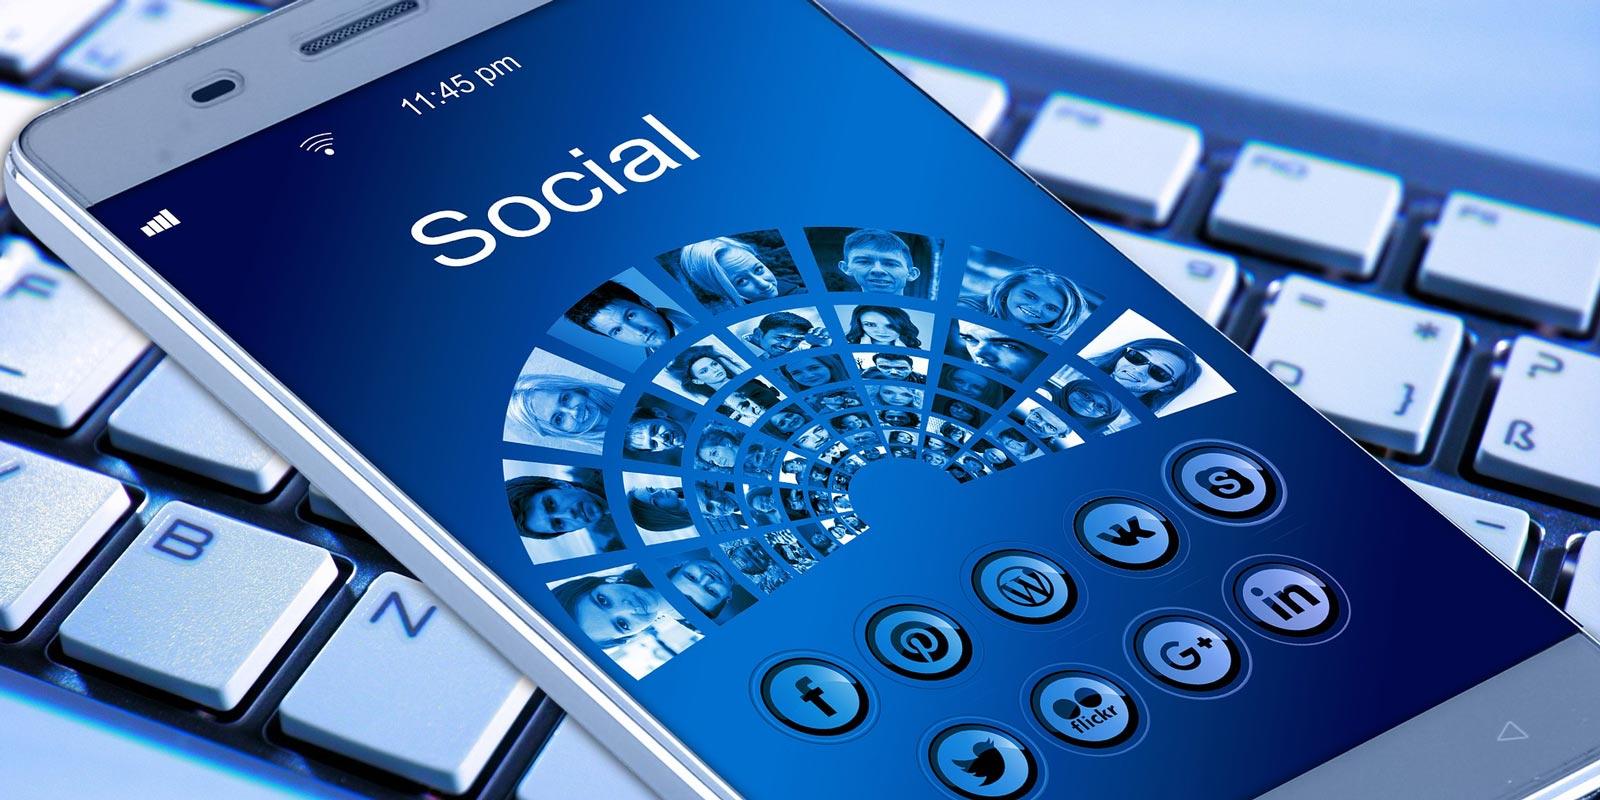 seznamka sociálních her vtipné otevření e-mailu online datování